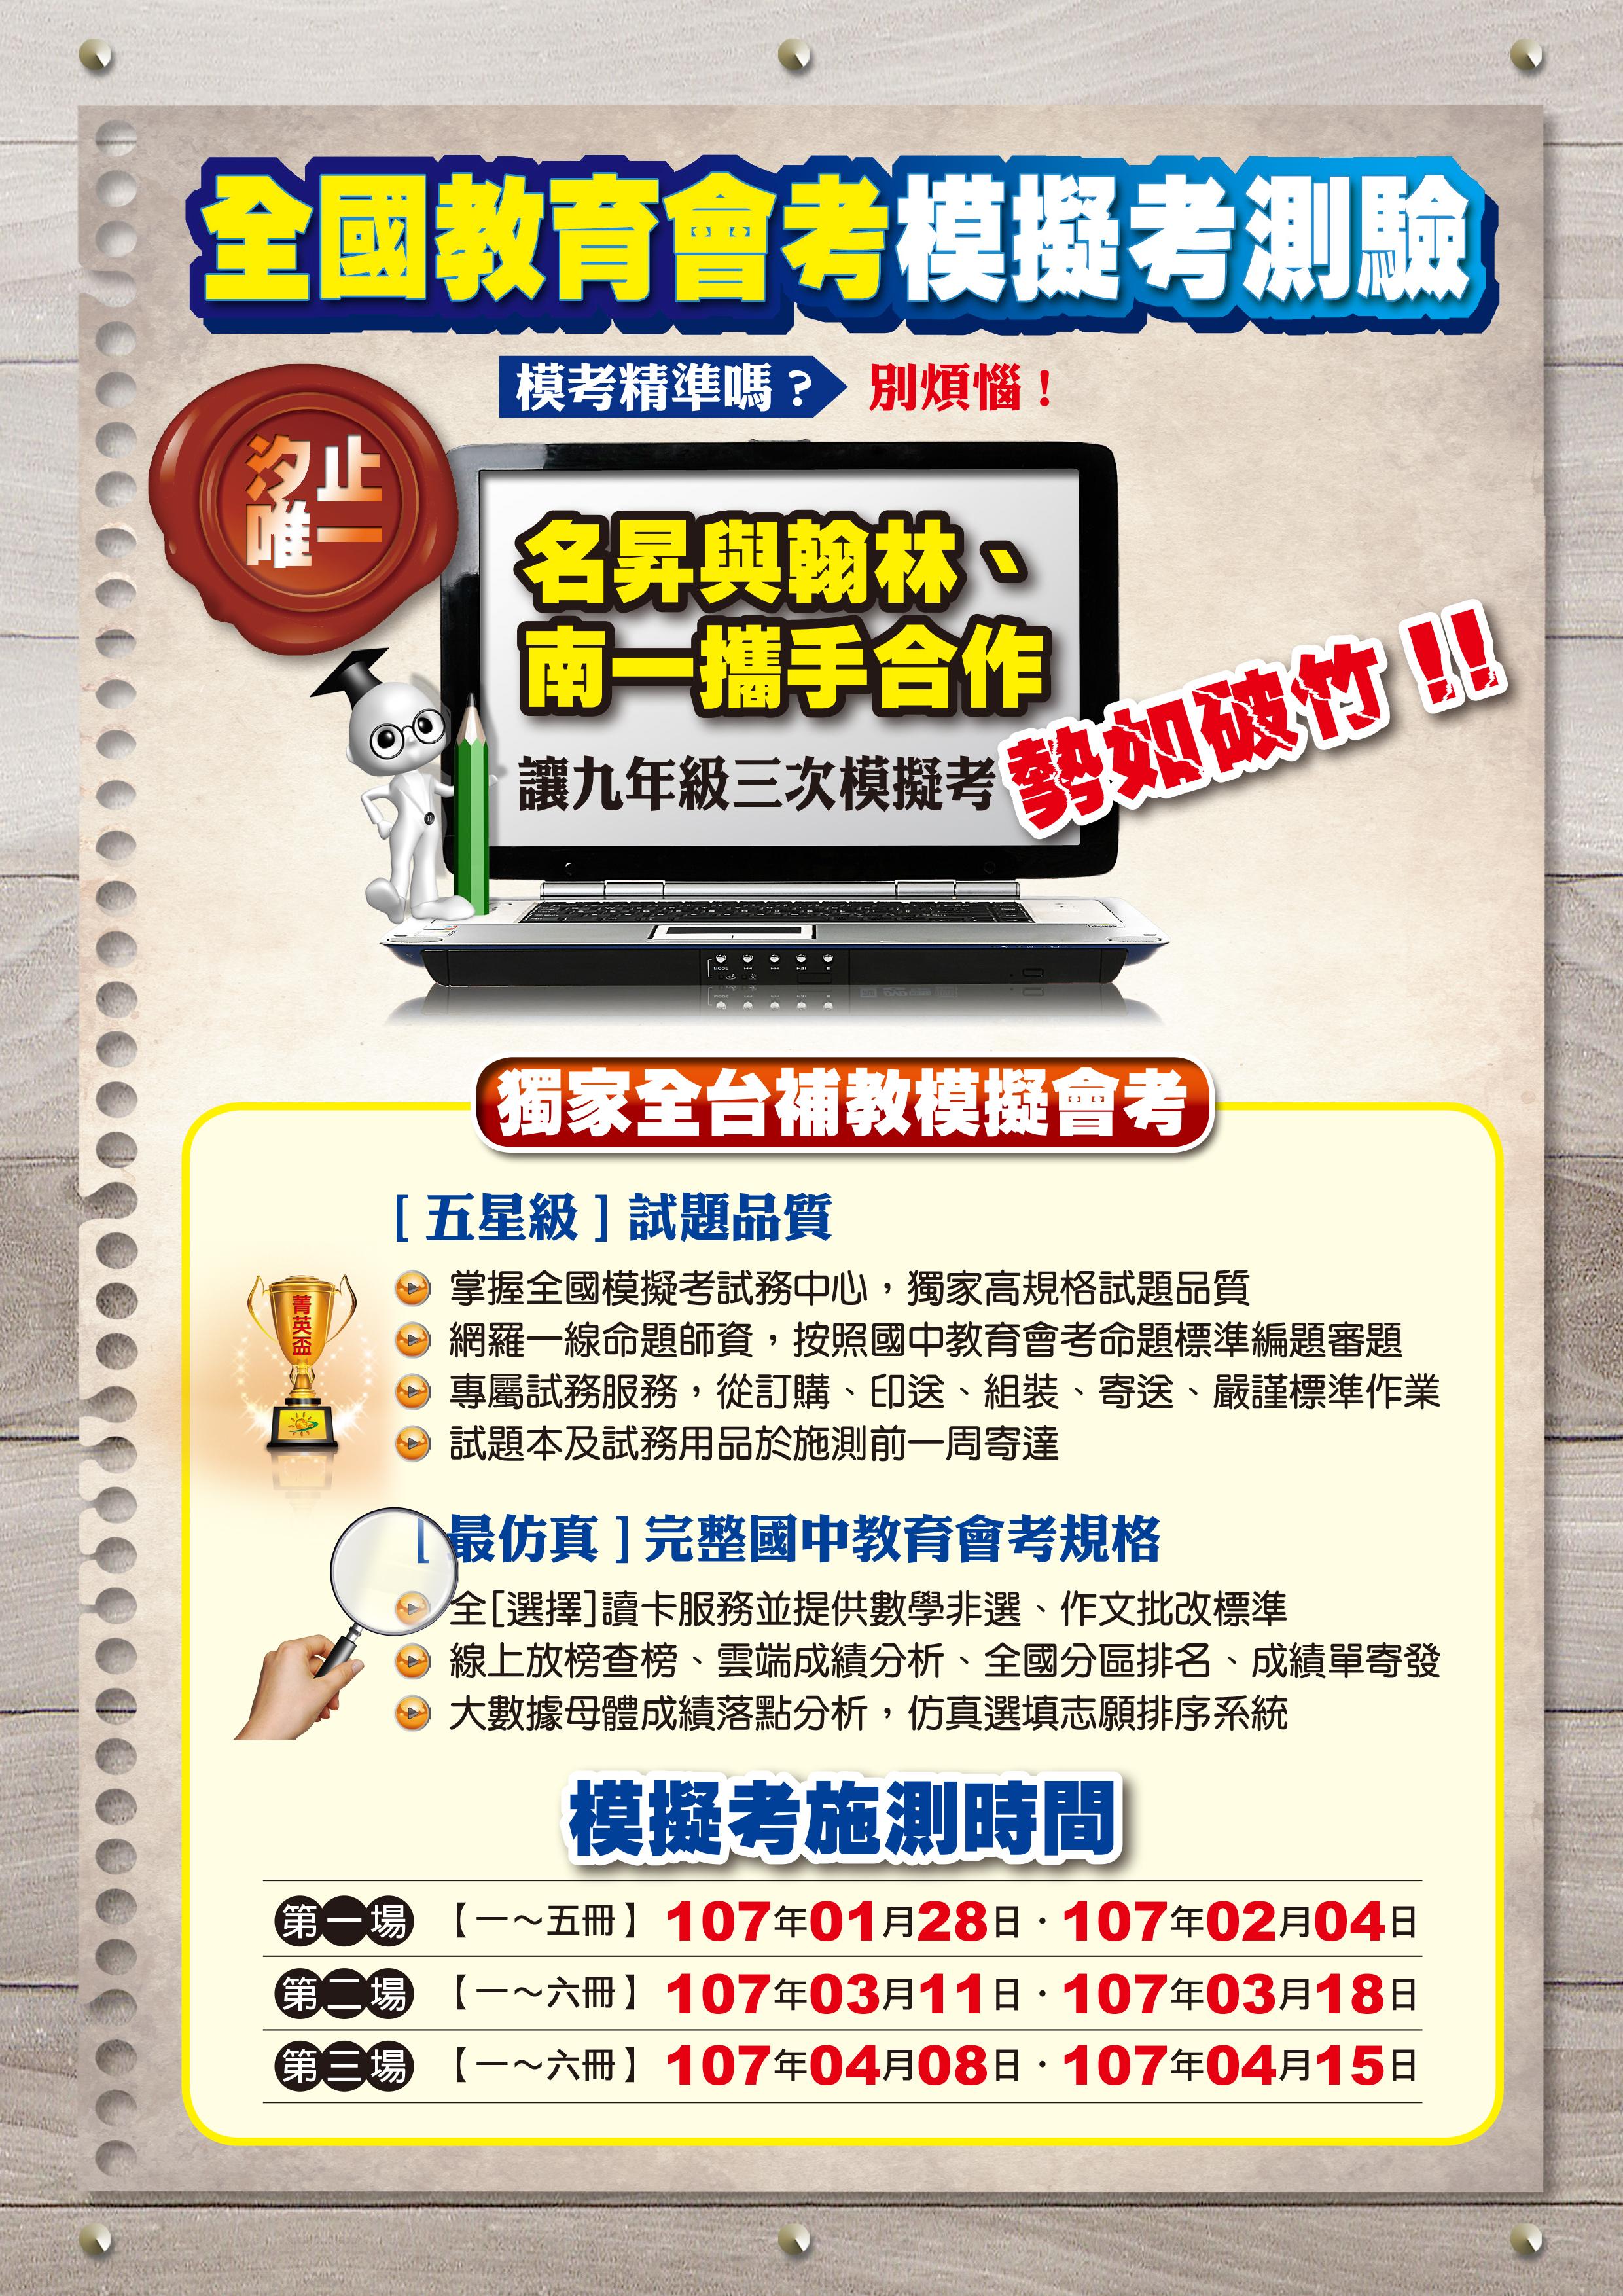 106 12 27 名昇國中部寒假DM 菊3K背面-3.jpg